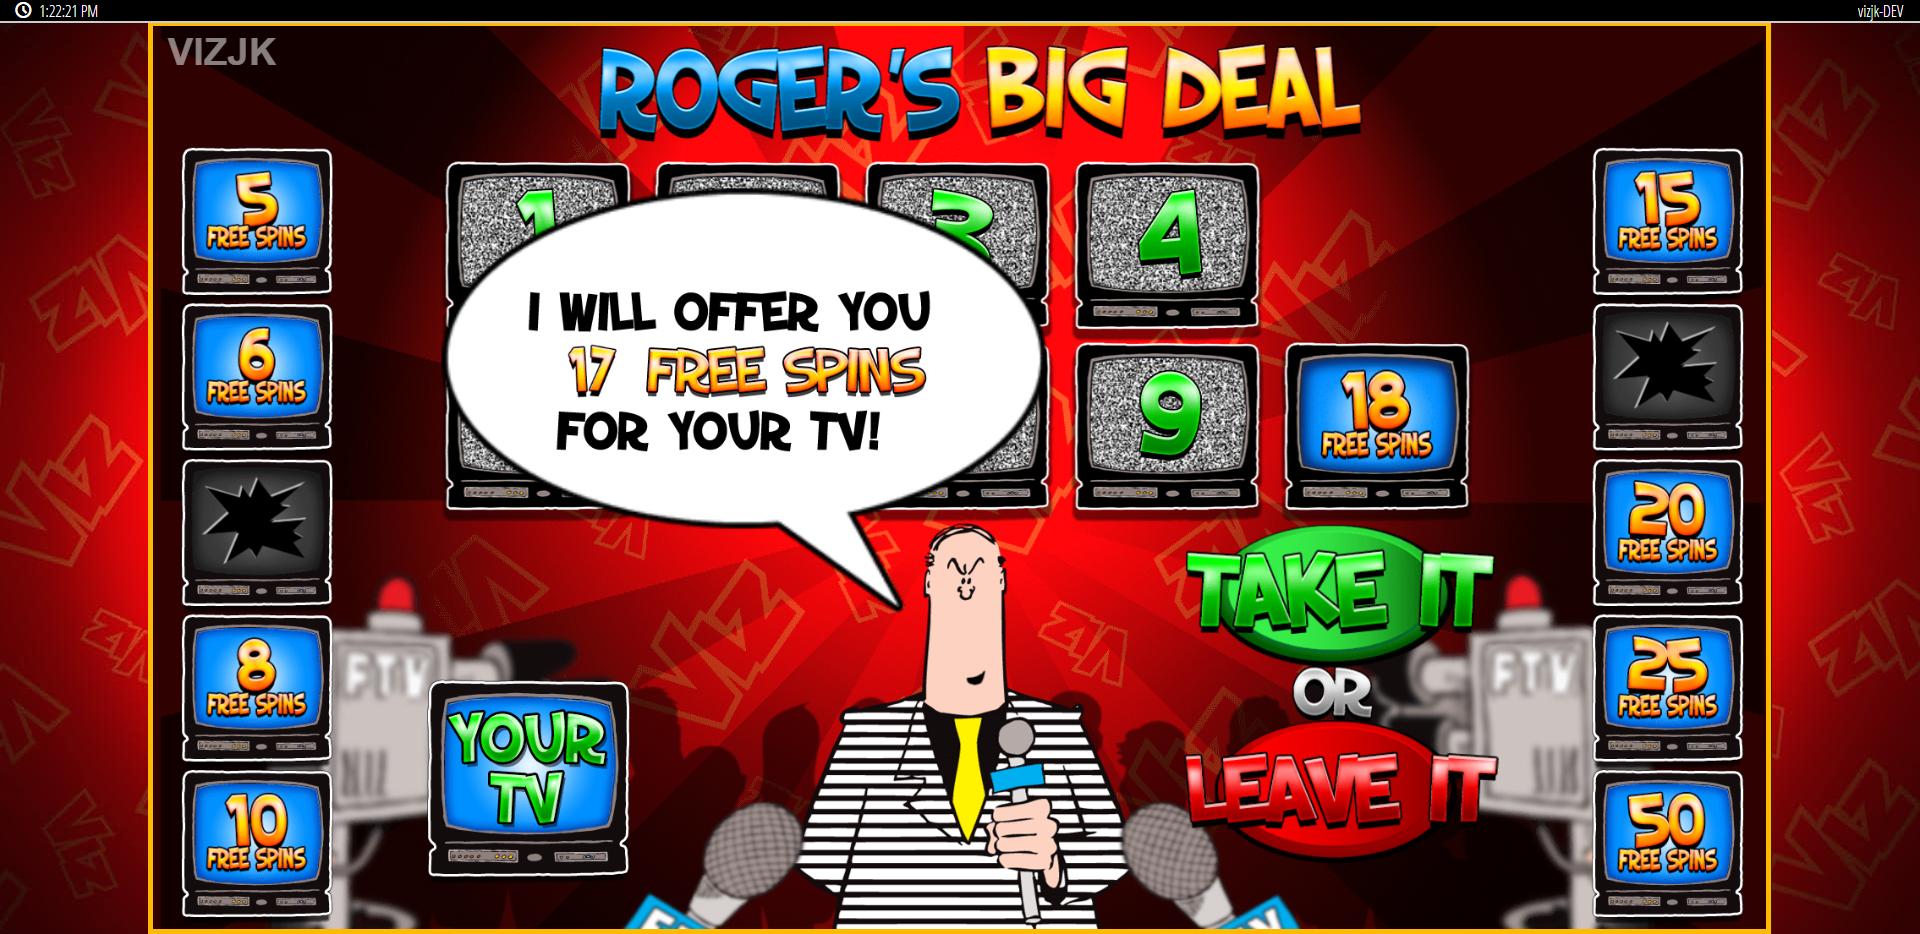 rogers-big-deal-1